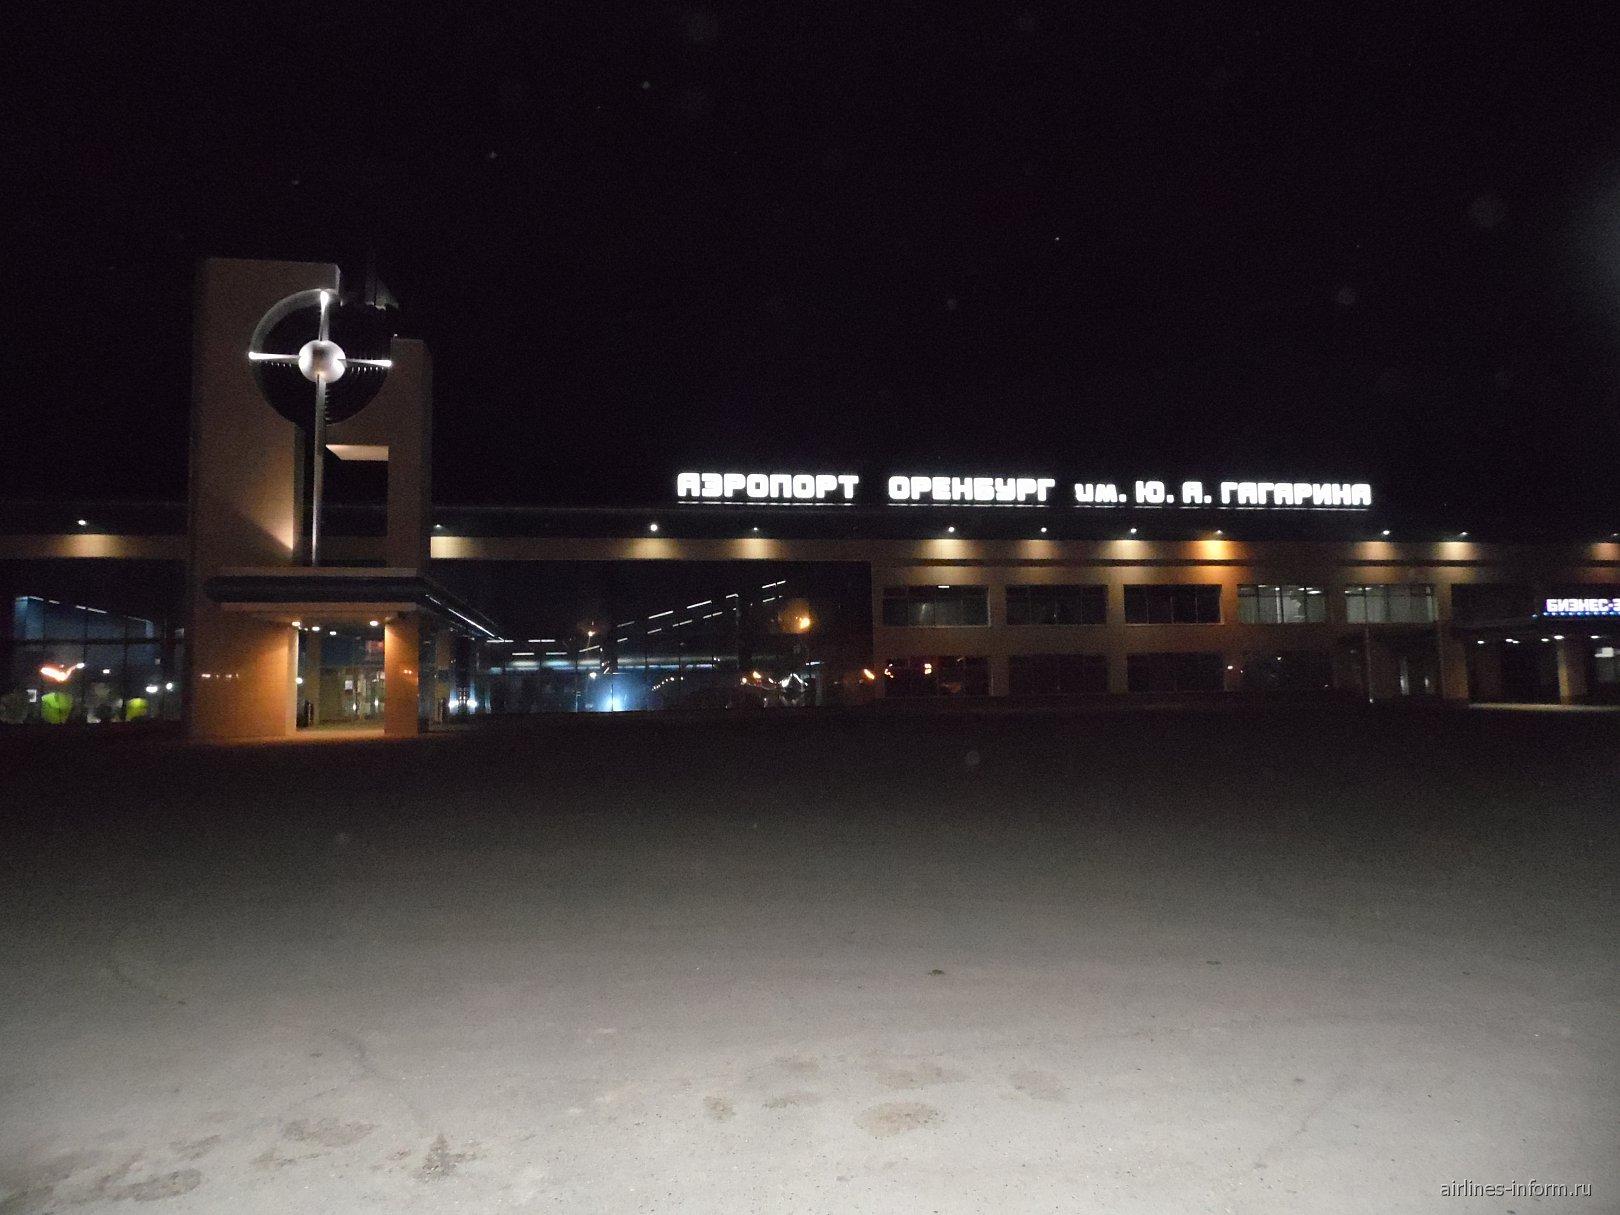 Аэропорт Оренбург имени Гагарина